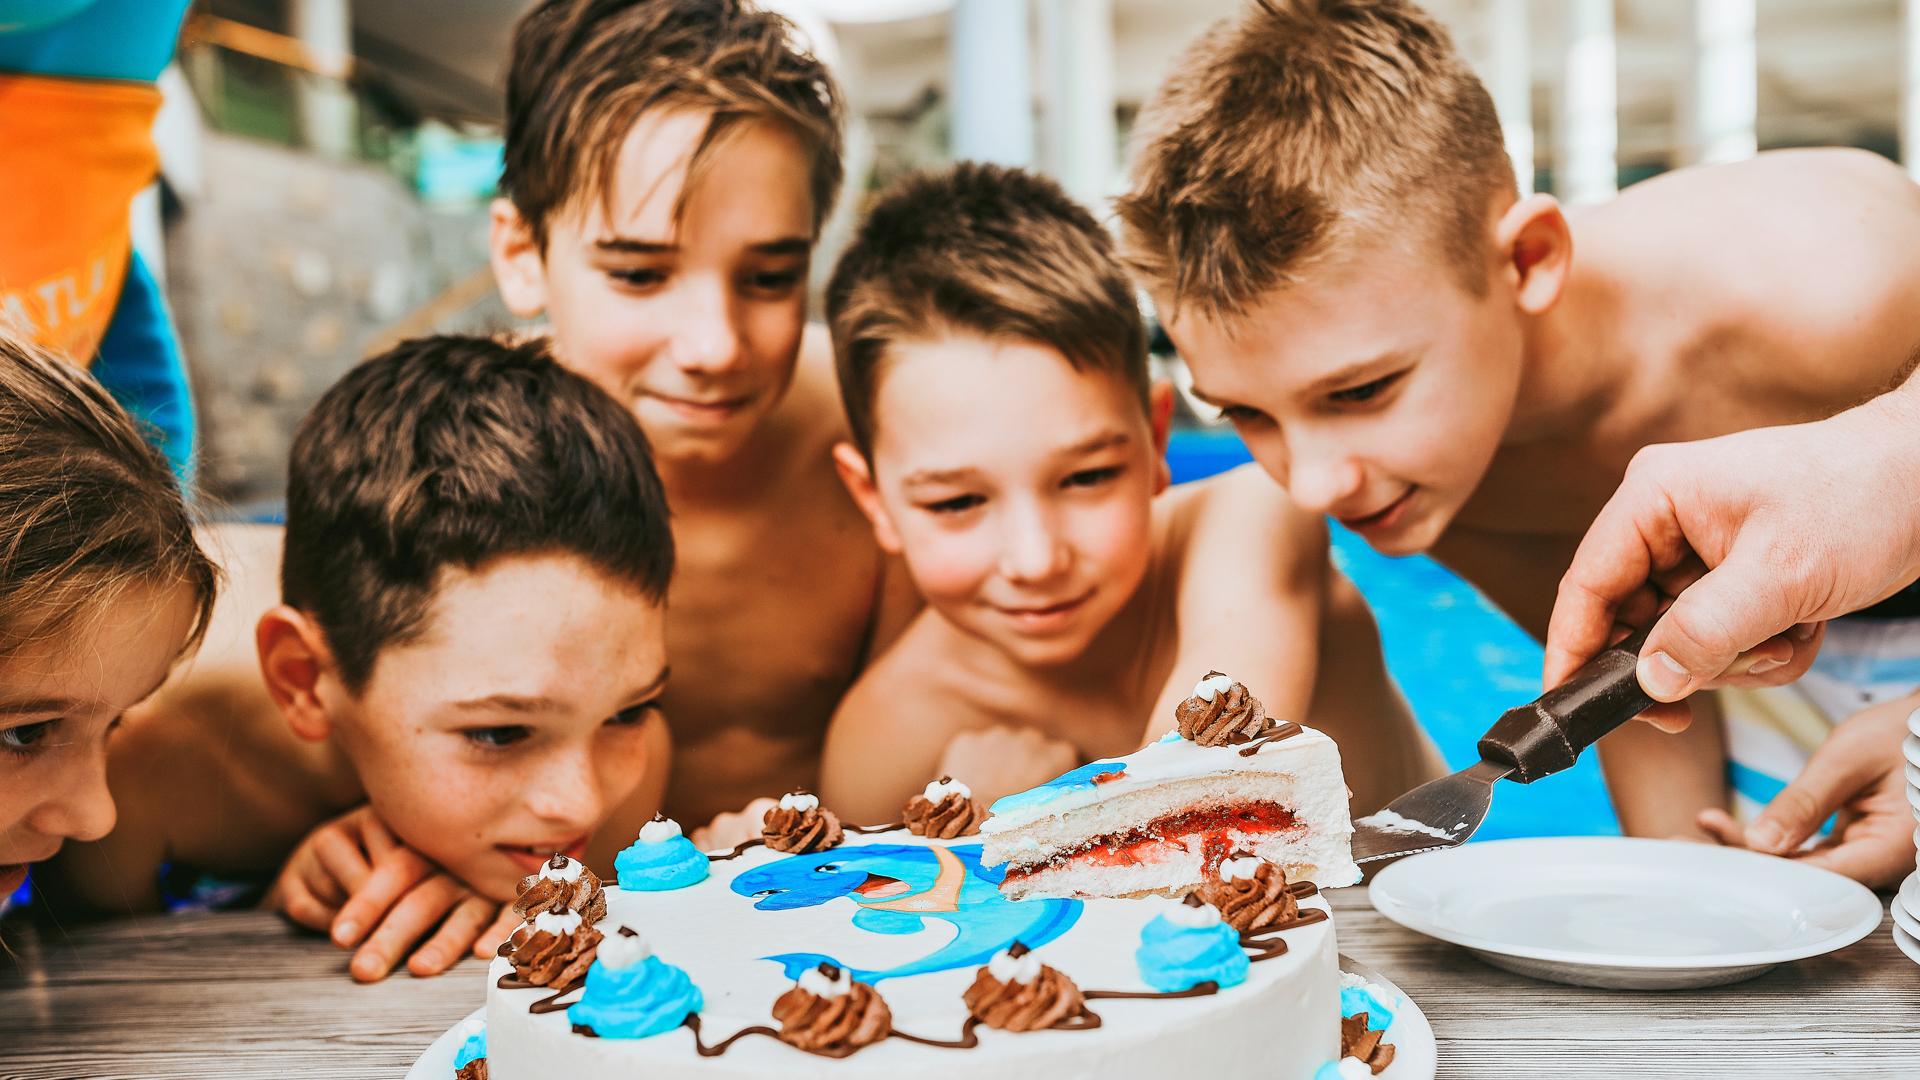 Samostojno praznovanje rojstnega dne